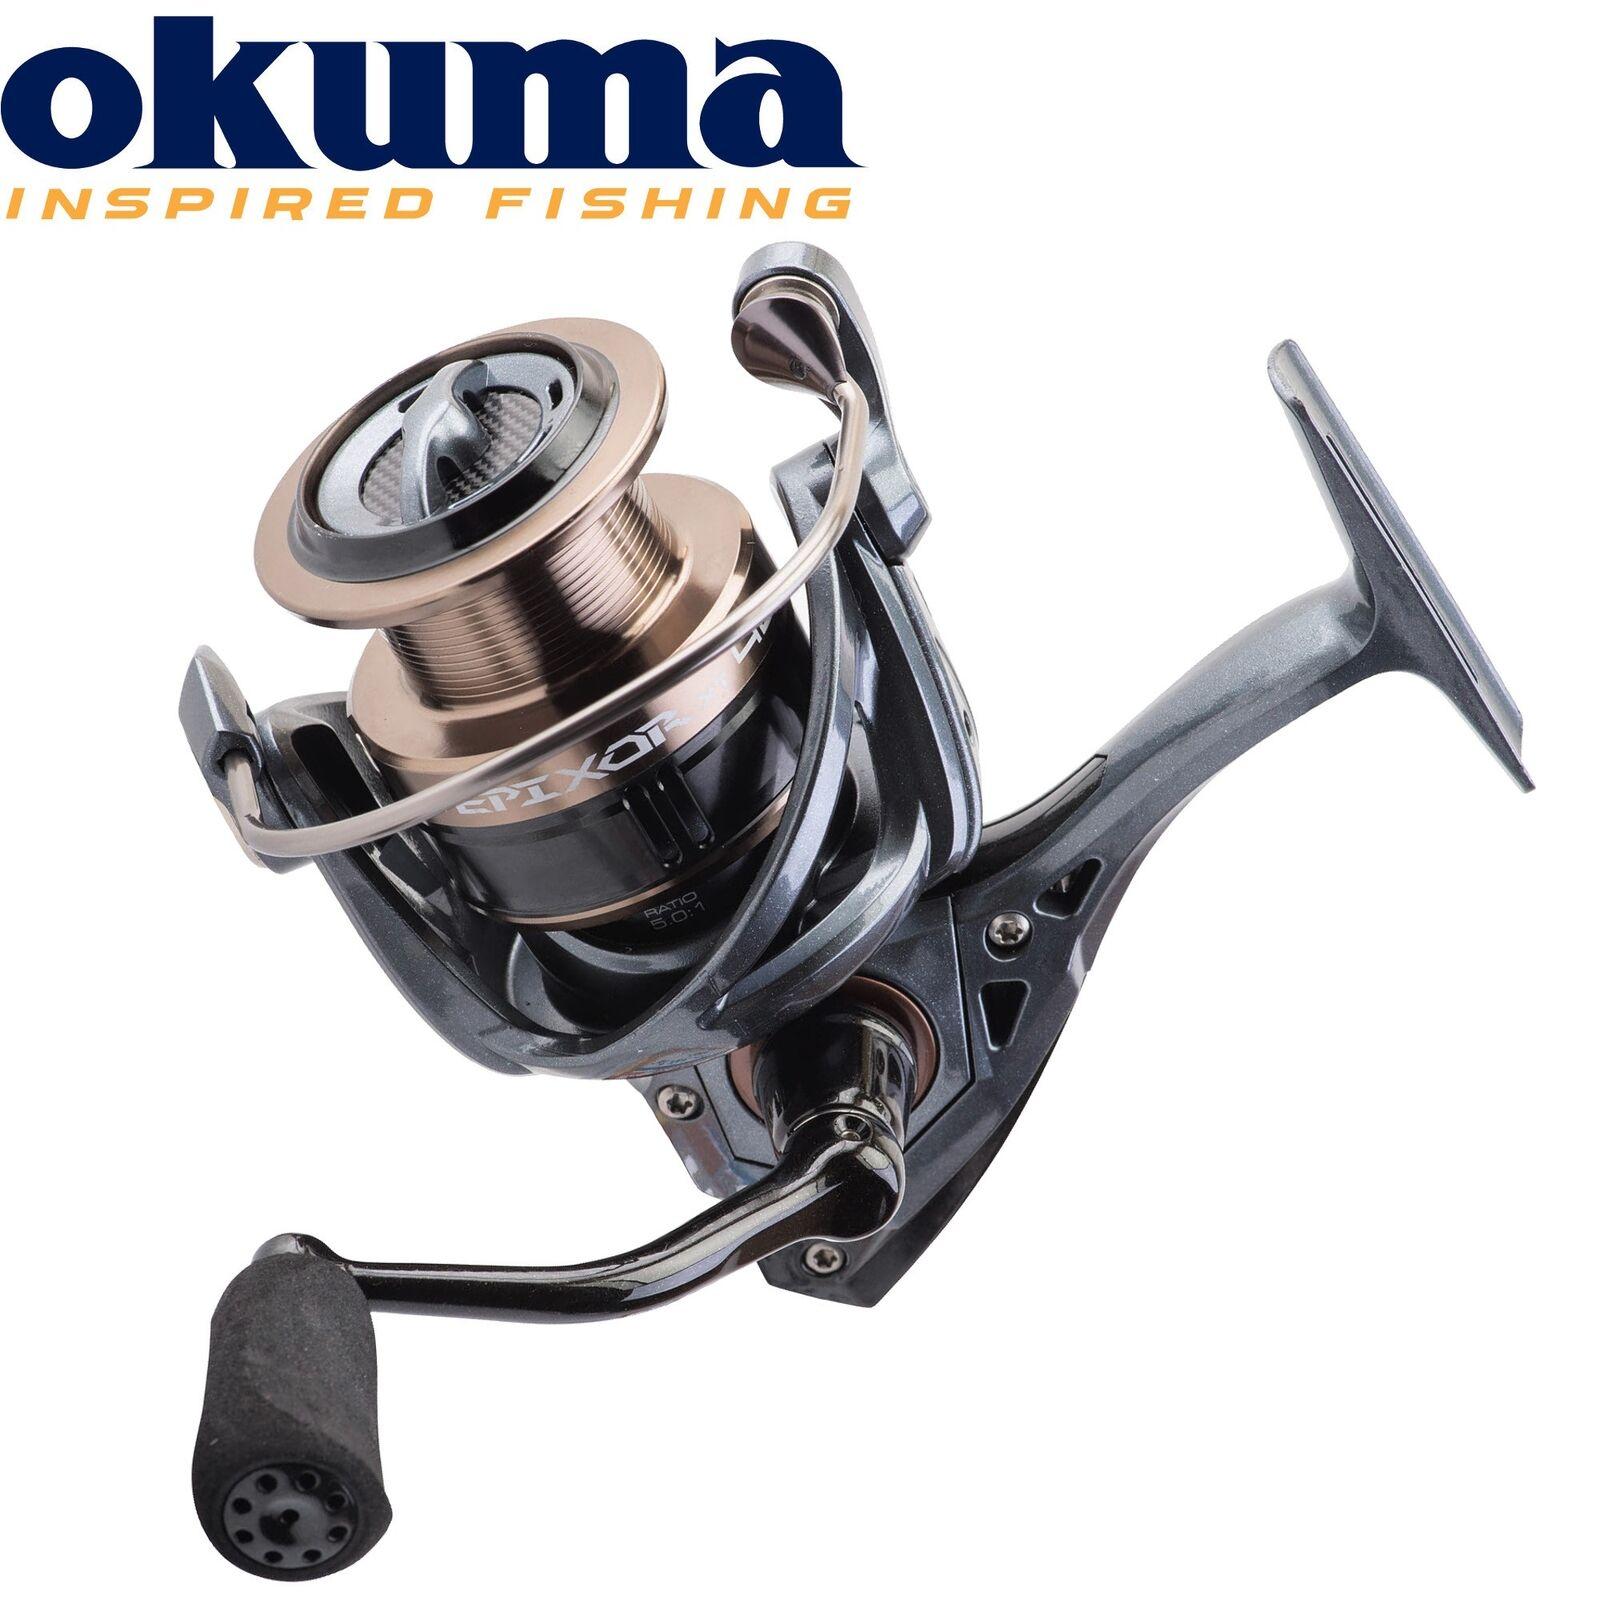 Okuma Epixor XT Spinning EPXT-50 - Stationärrolle, Spinnrolle, Angelrolle, Rolle